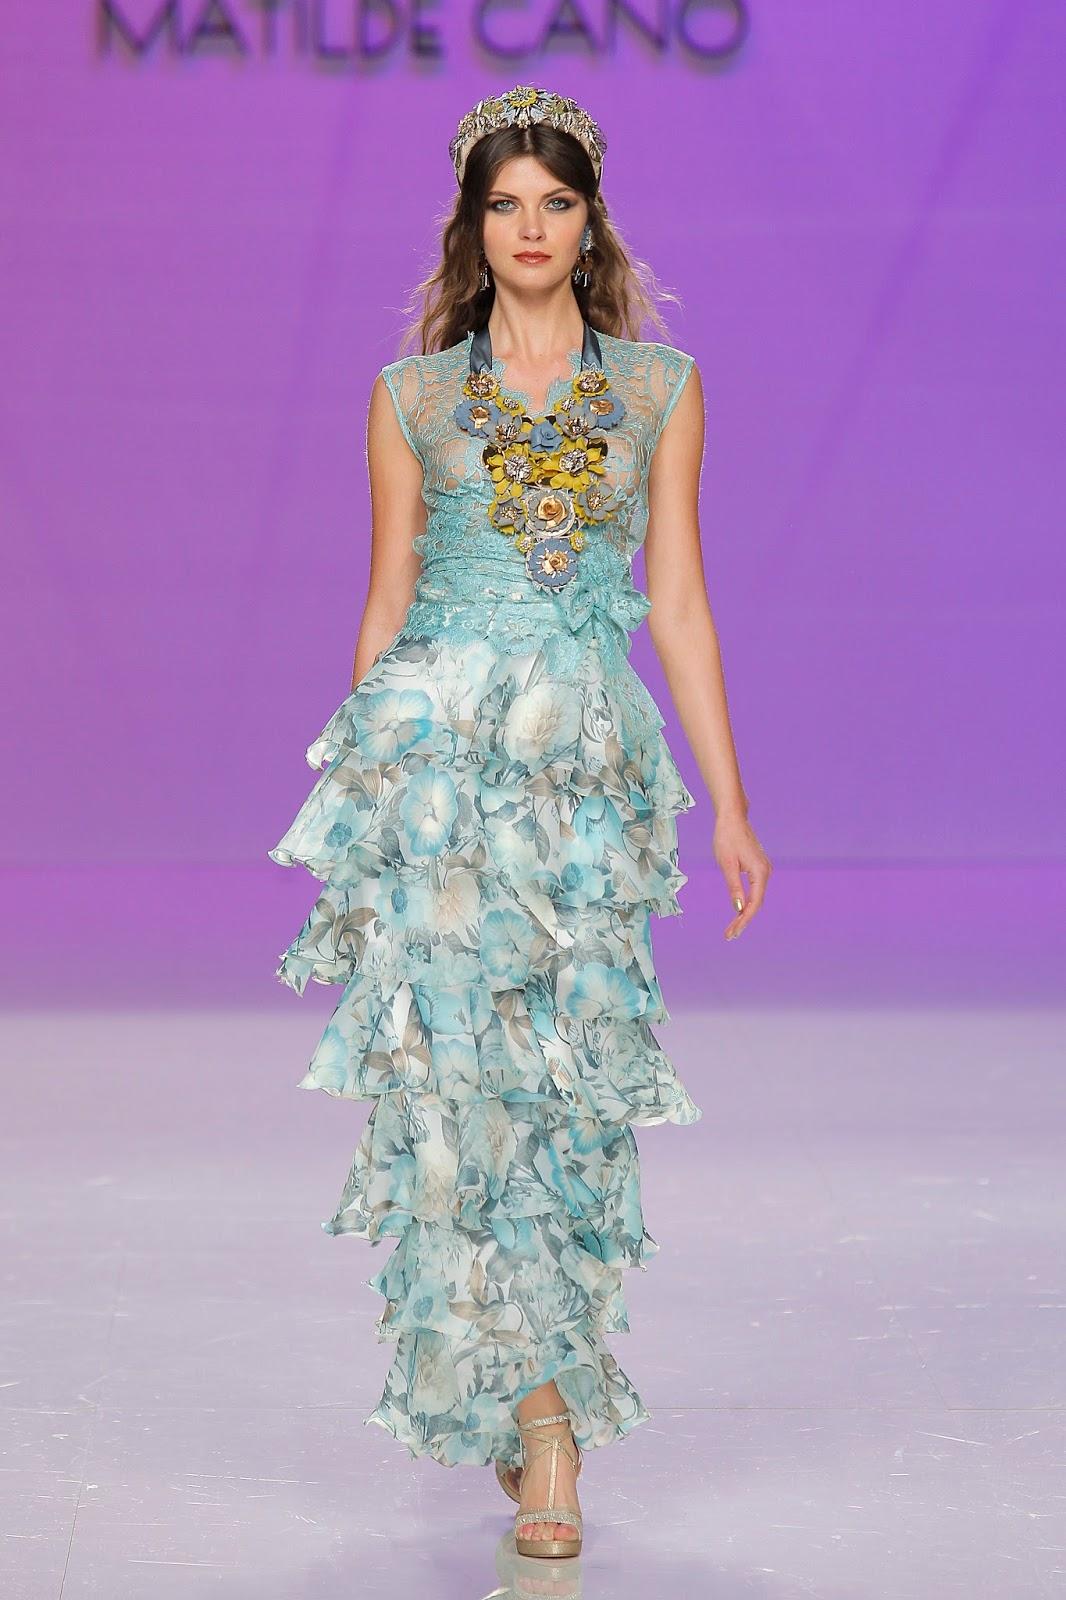 BODAS DE ALTA COSTURA: Los vestidos de fiesta de Matilde Cano ...